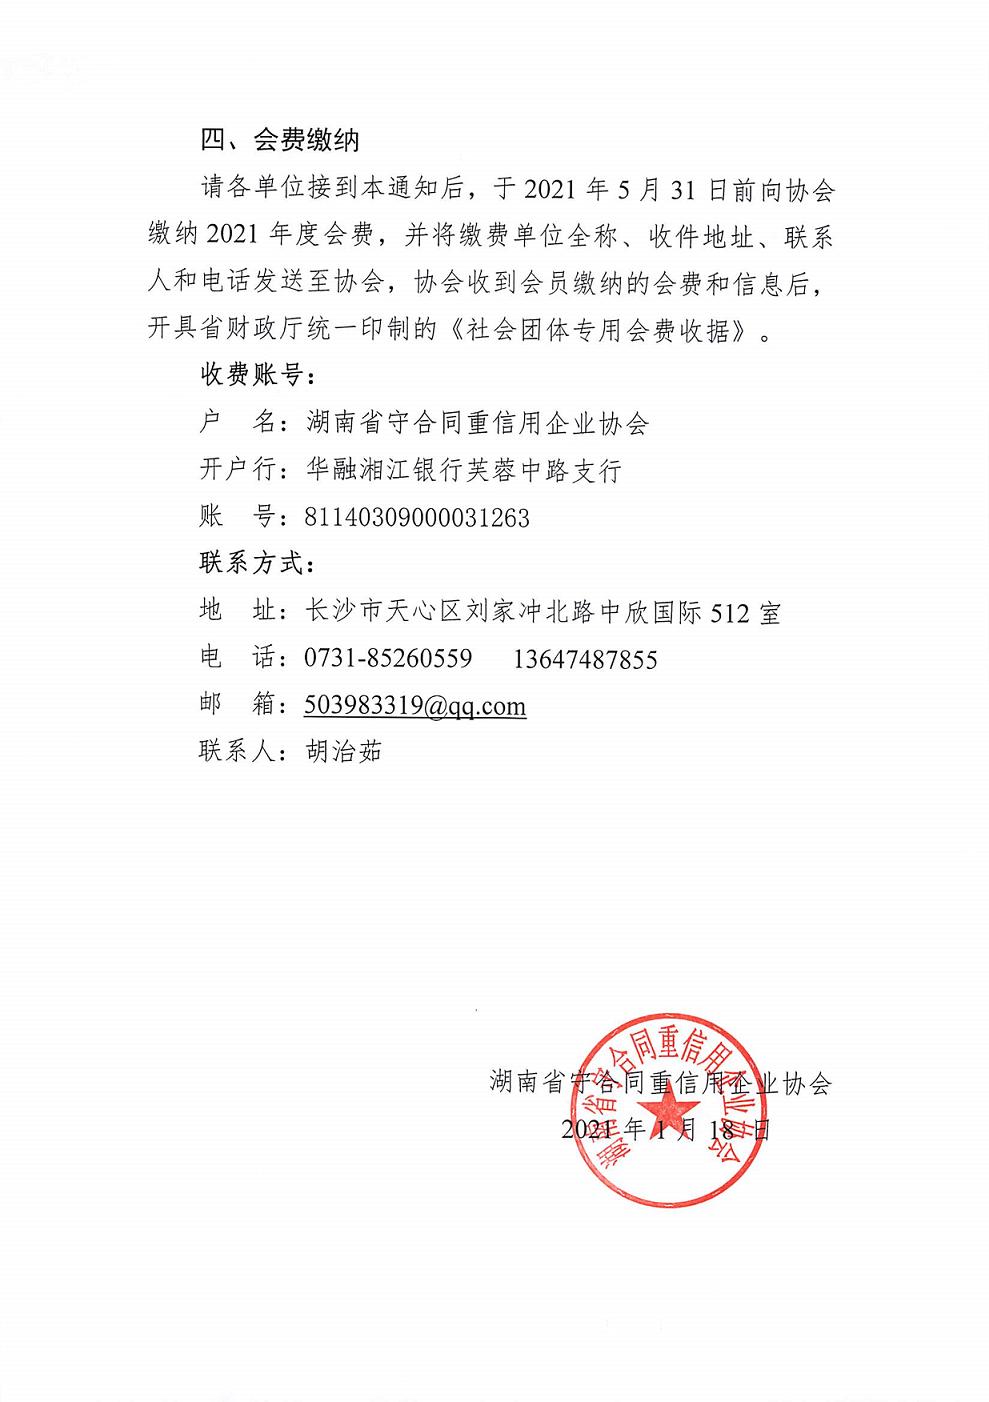 湖南省守5楼直播重信用企业协会关于发展新会员和收缴会费的通知_3.png